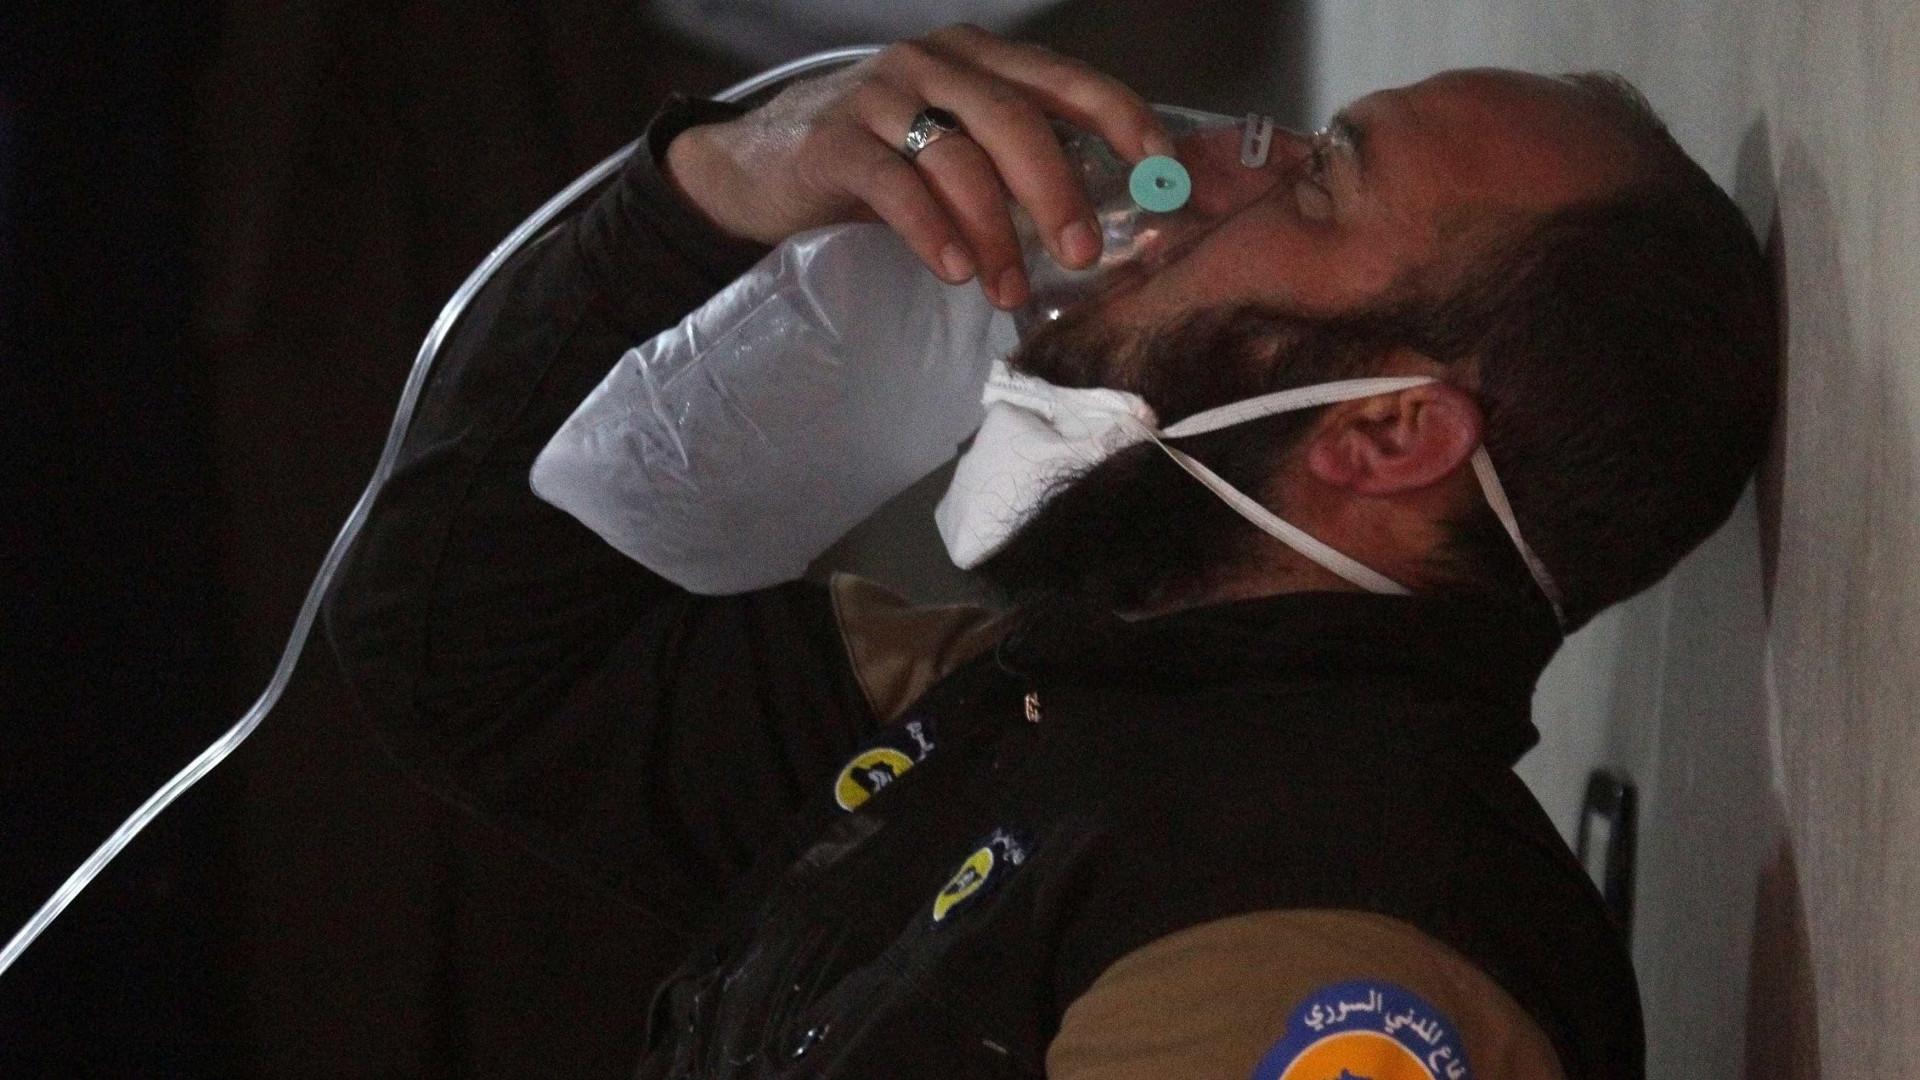 União Europeia aplica sanções a 16 sírios envolvidos em ataques químicos